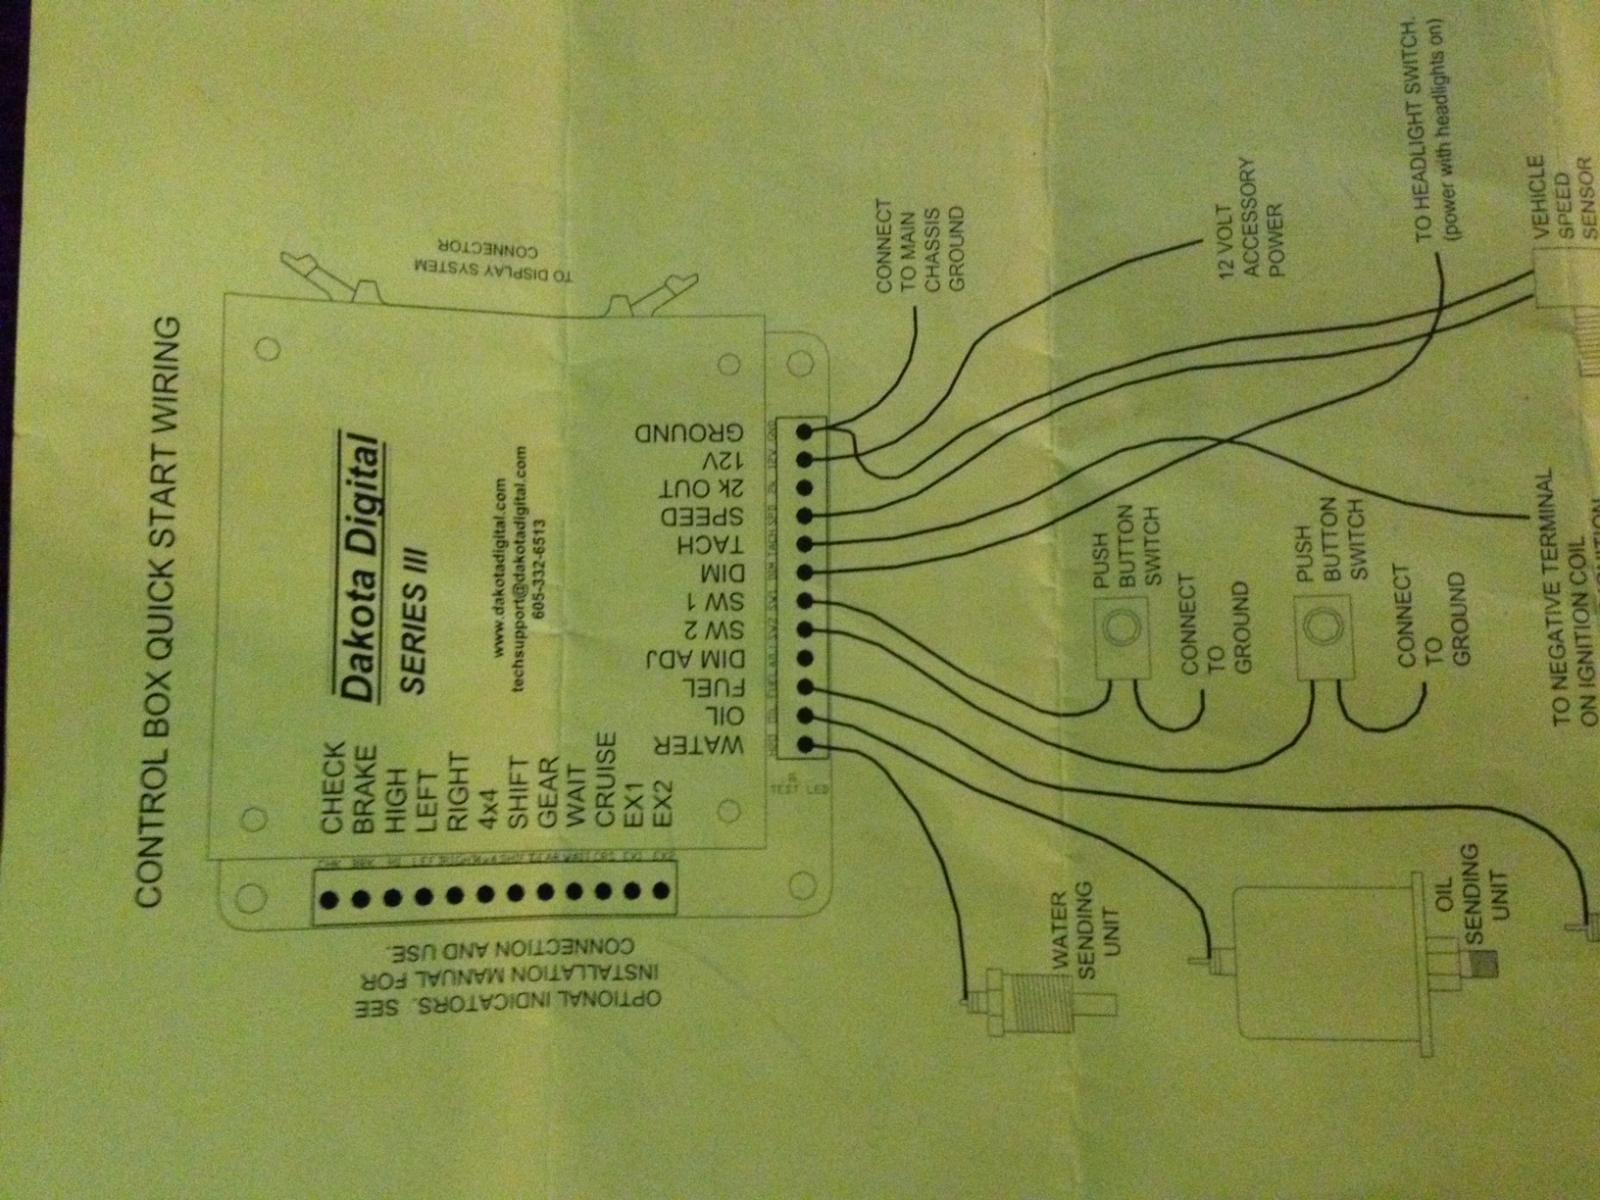 dakota digital motorcycle wiring diagram ml 3723  dakota digital gauges wiring diagram schematic wiring  dakota digital gauges wiring diagram